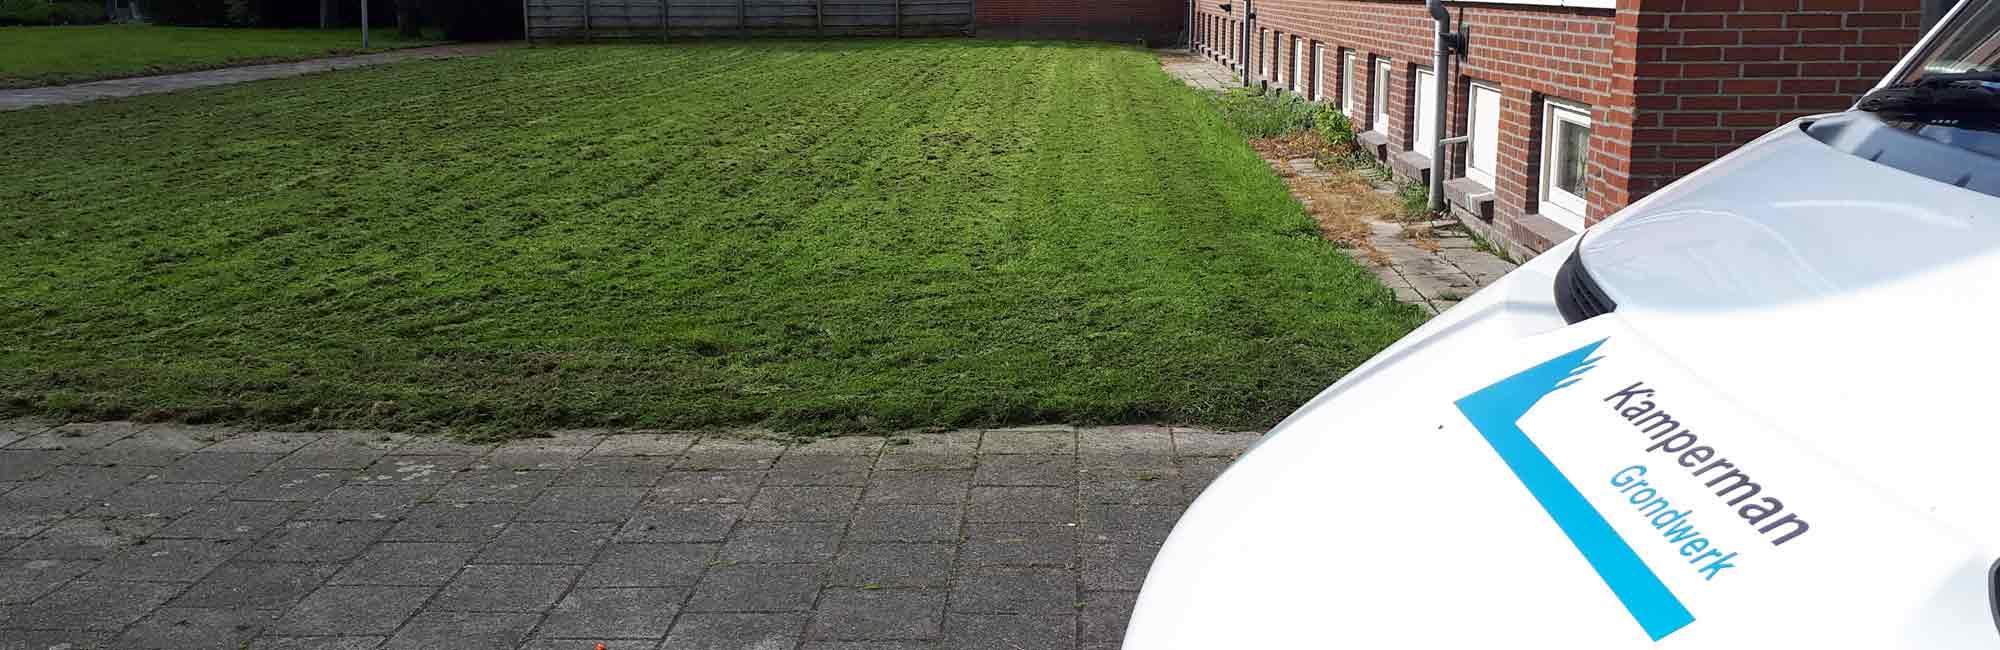 Grasmaaien - Kamperman Grondwerk Groningen Scheemda